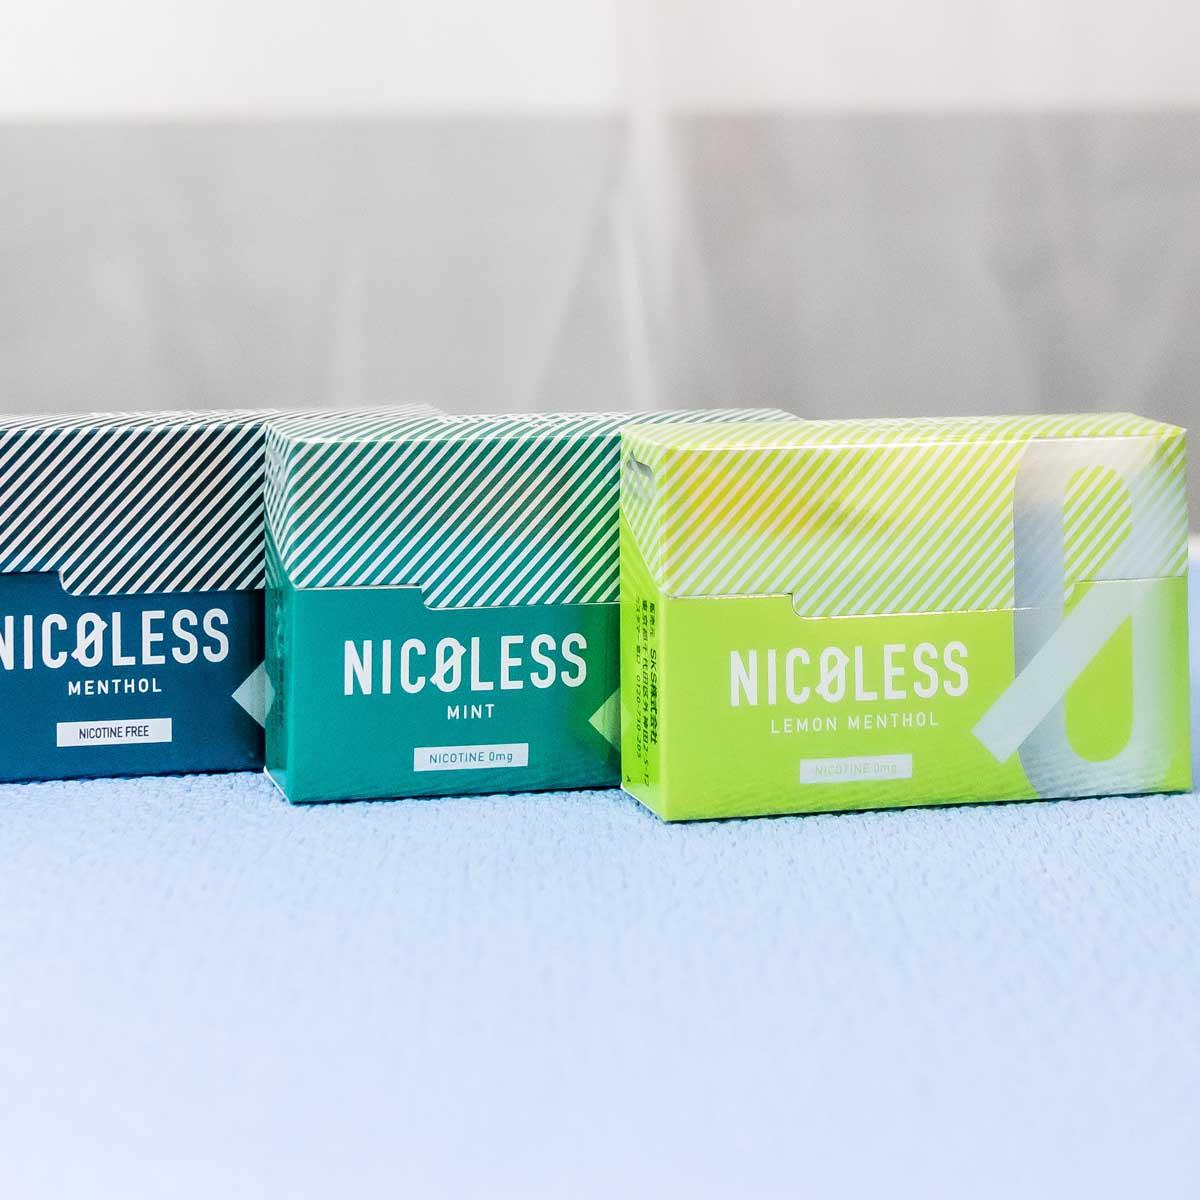 「アイコス」で使えるニコチンゼロの「NICOLESS(ニコレス)」で無理なく減煙!